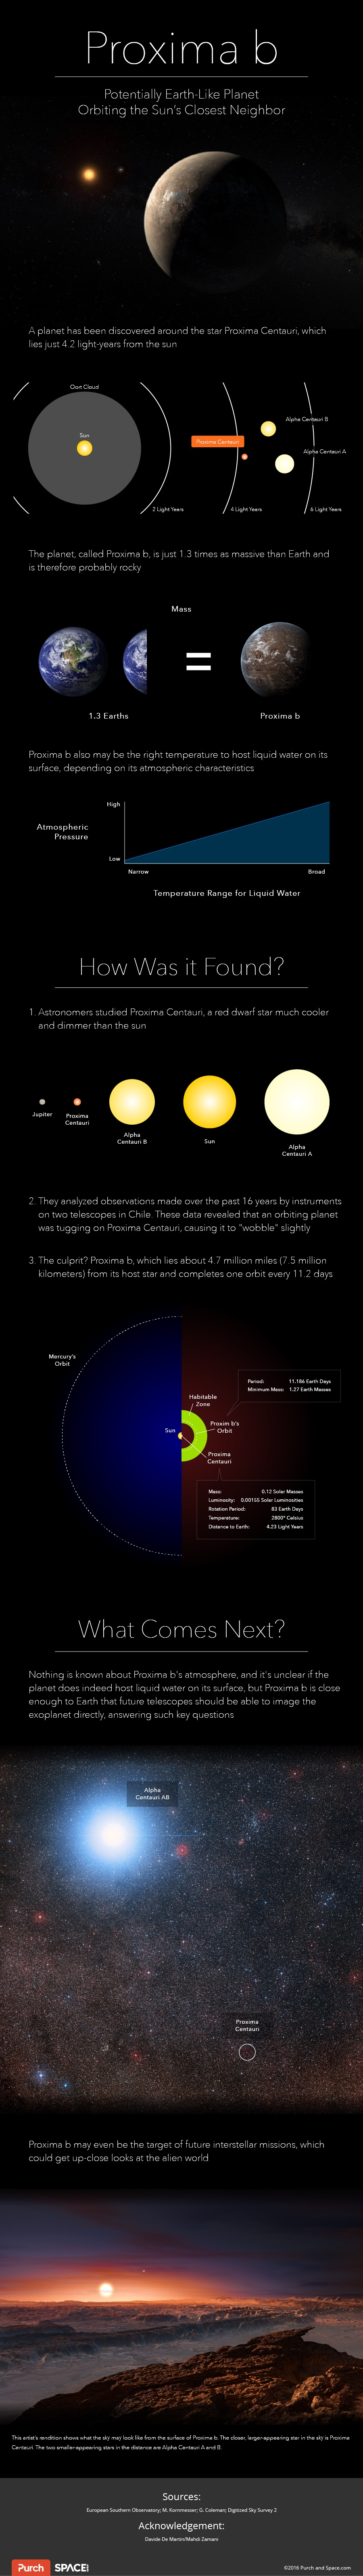 Proxima b Infographic